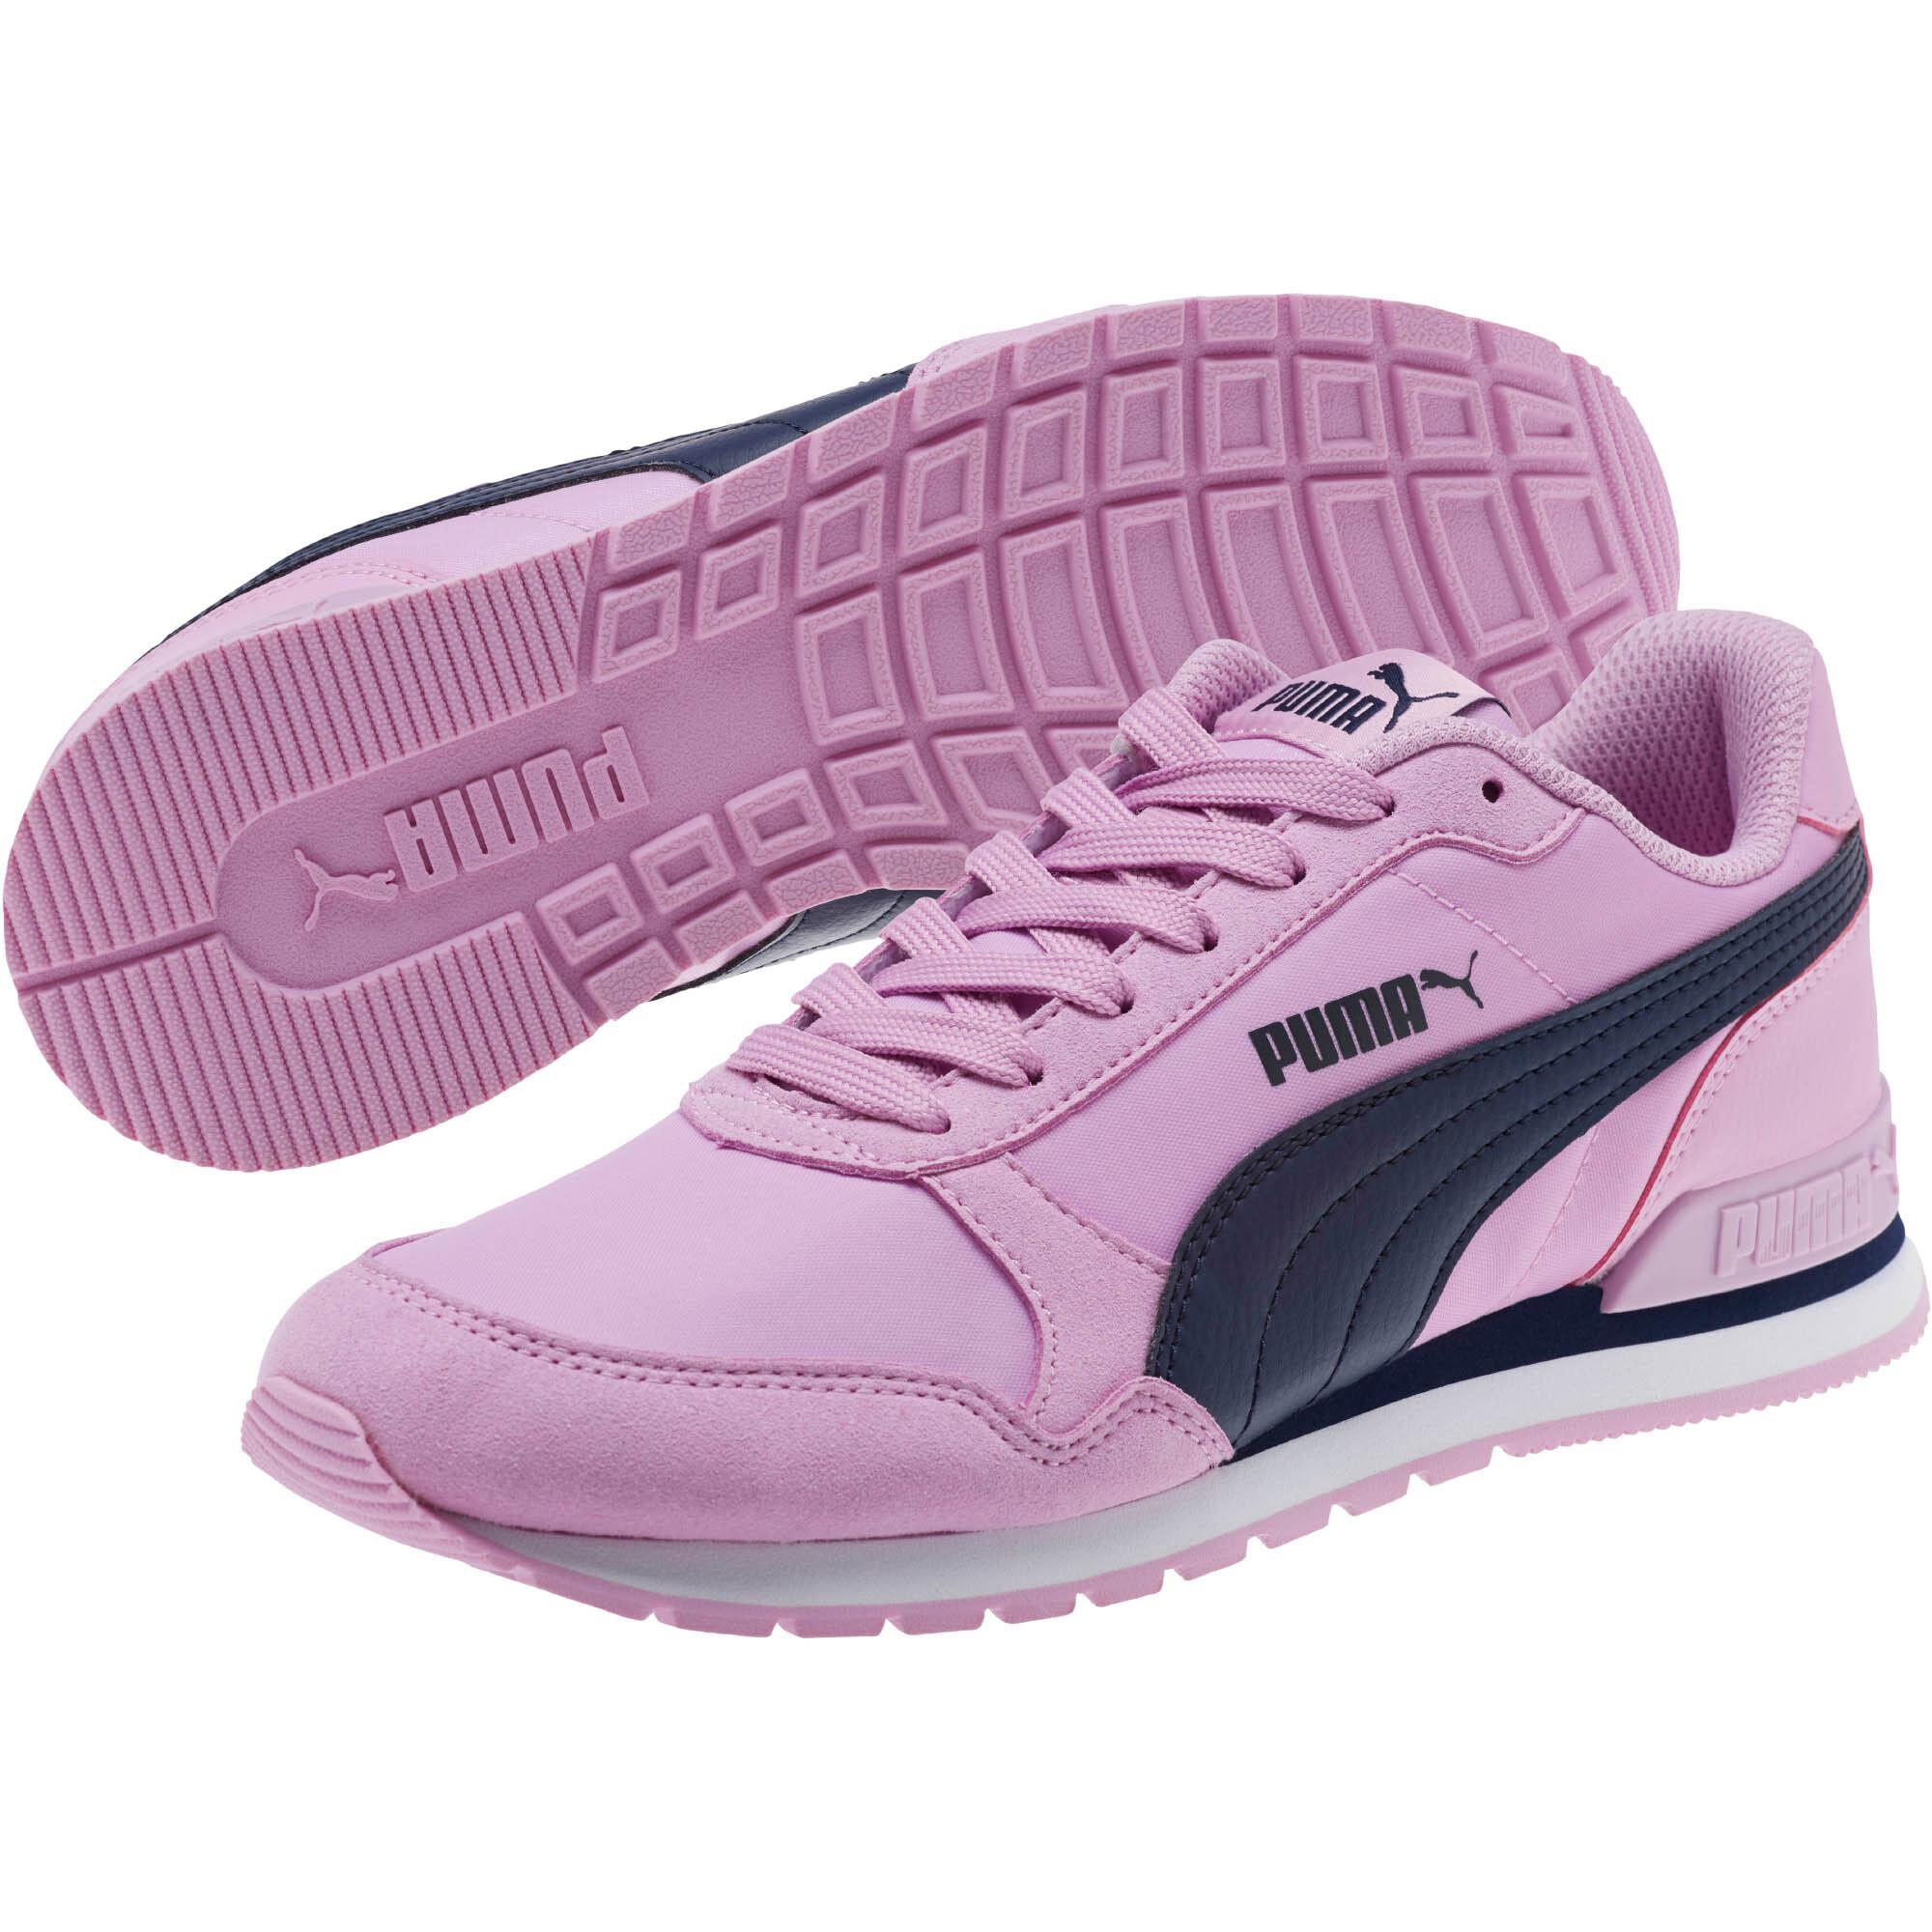 8e87625f PUMA ST Runner v2 NL JR Sneakers Boys Shoe Kids | eBay